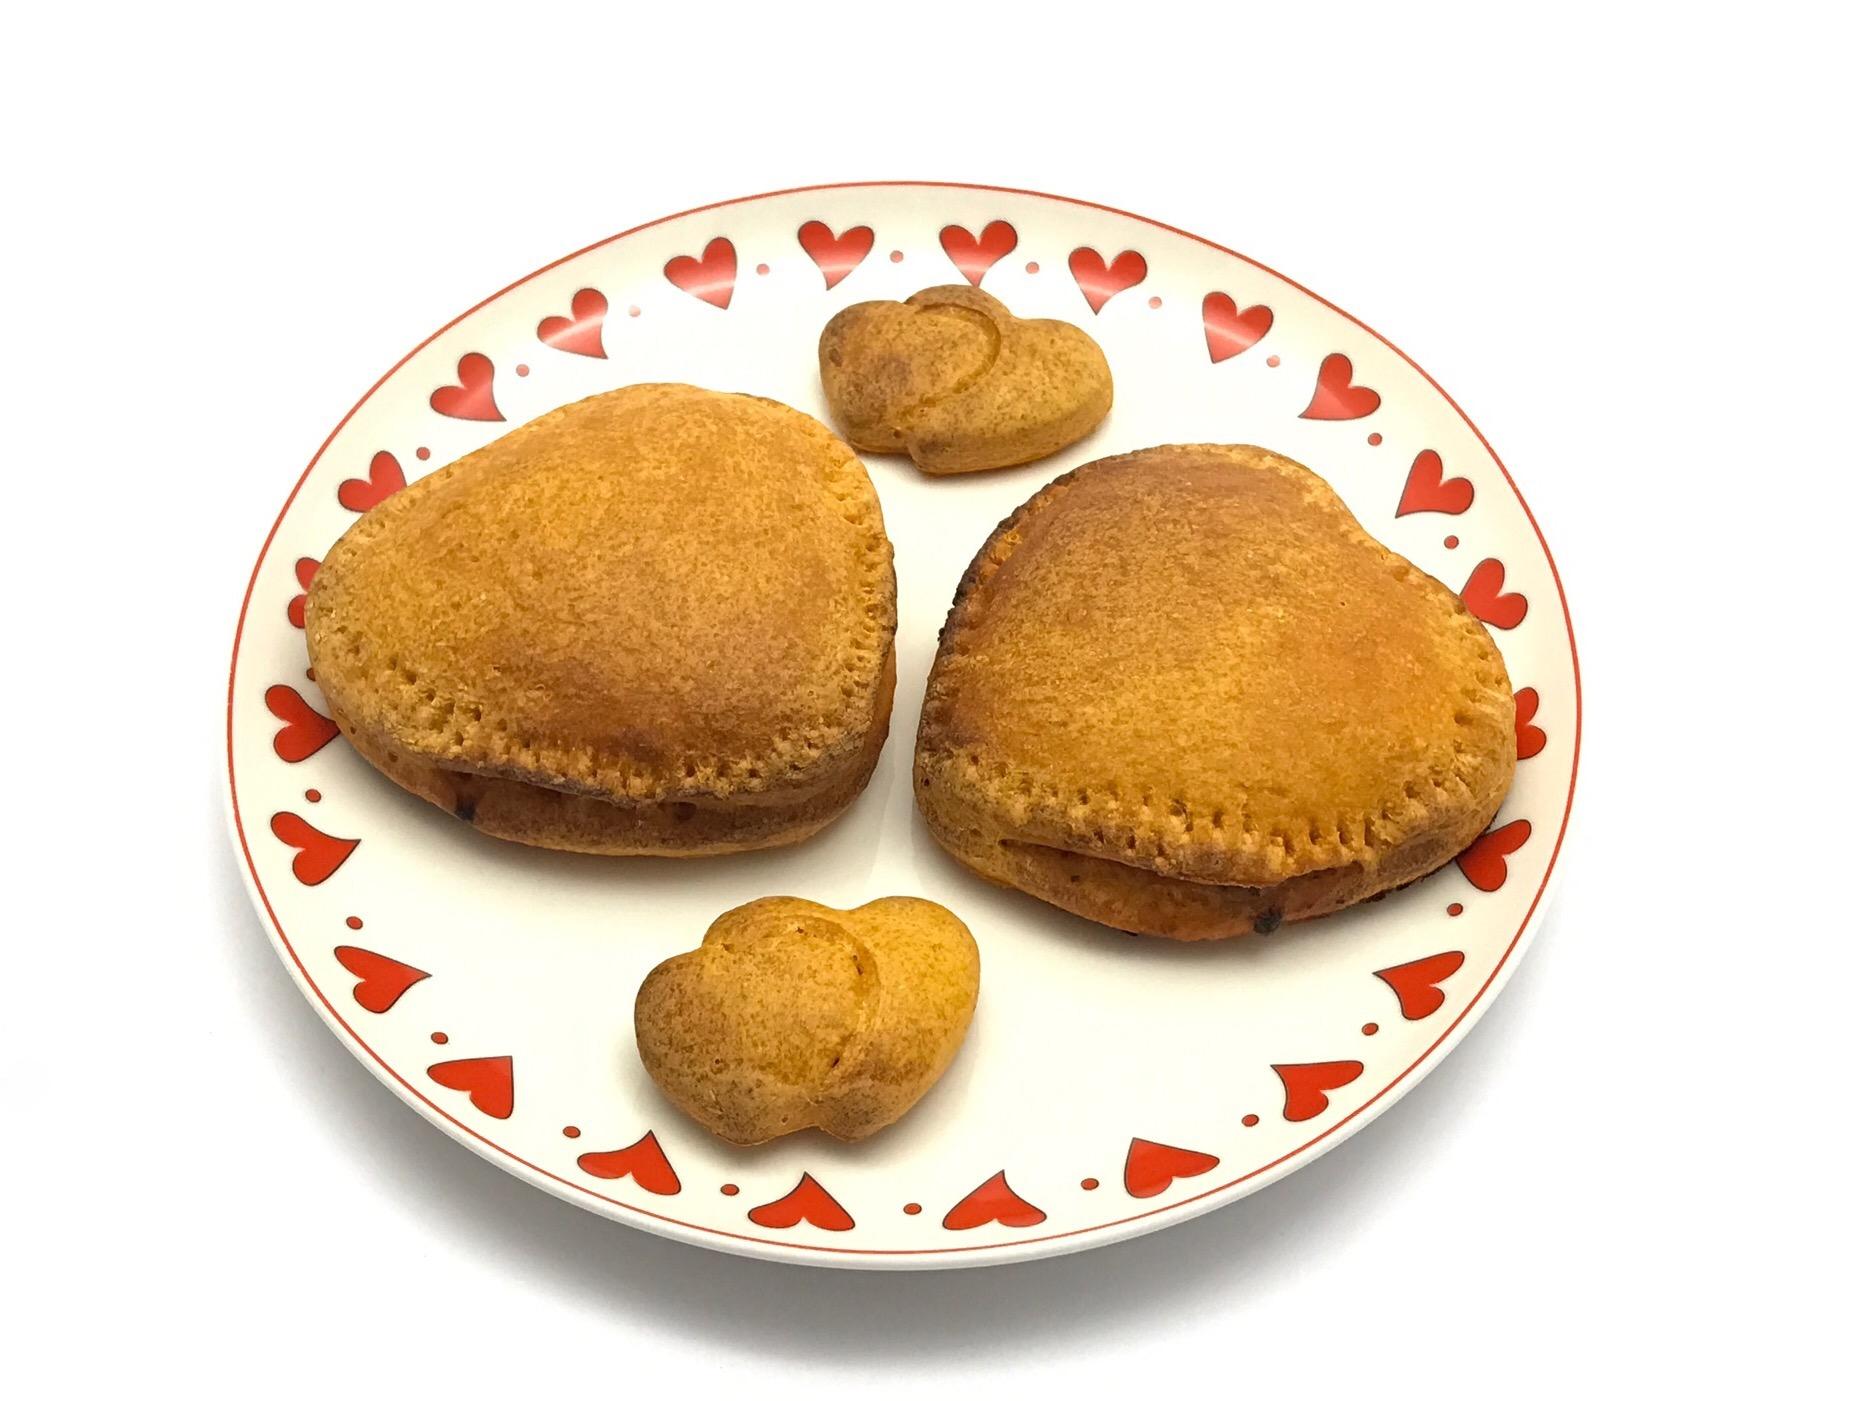 12 febbraio 2017  - San Valentino: Cuori di pane senza glutine con pera e Stilton e risotto per due